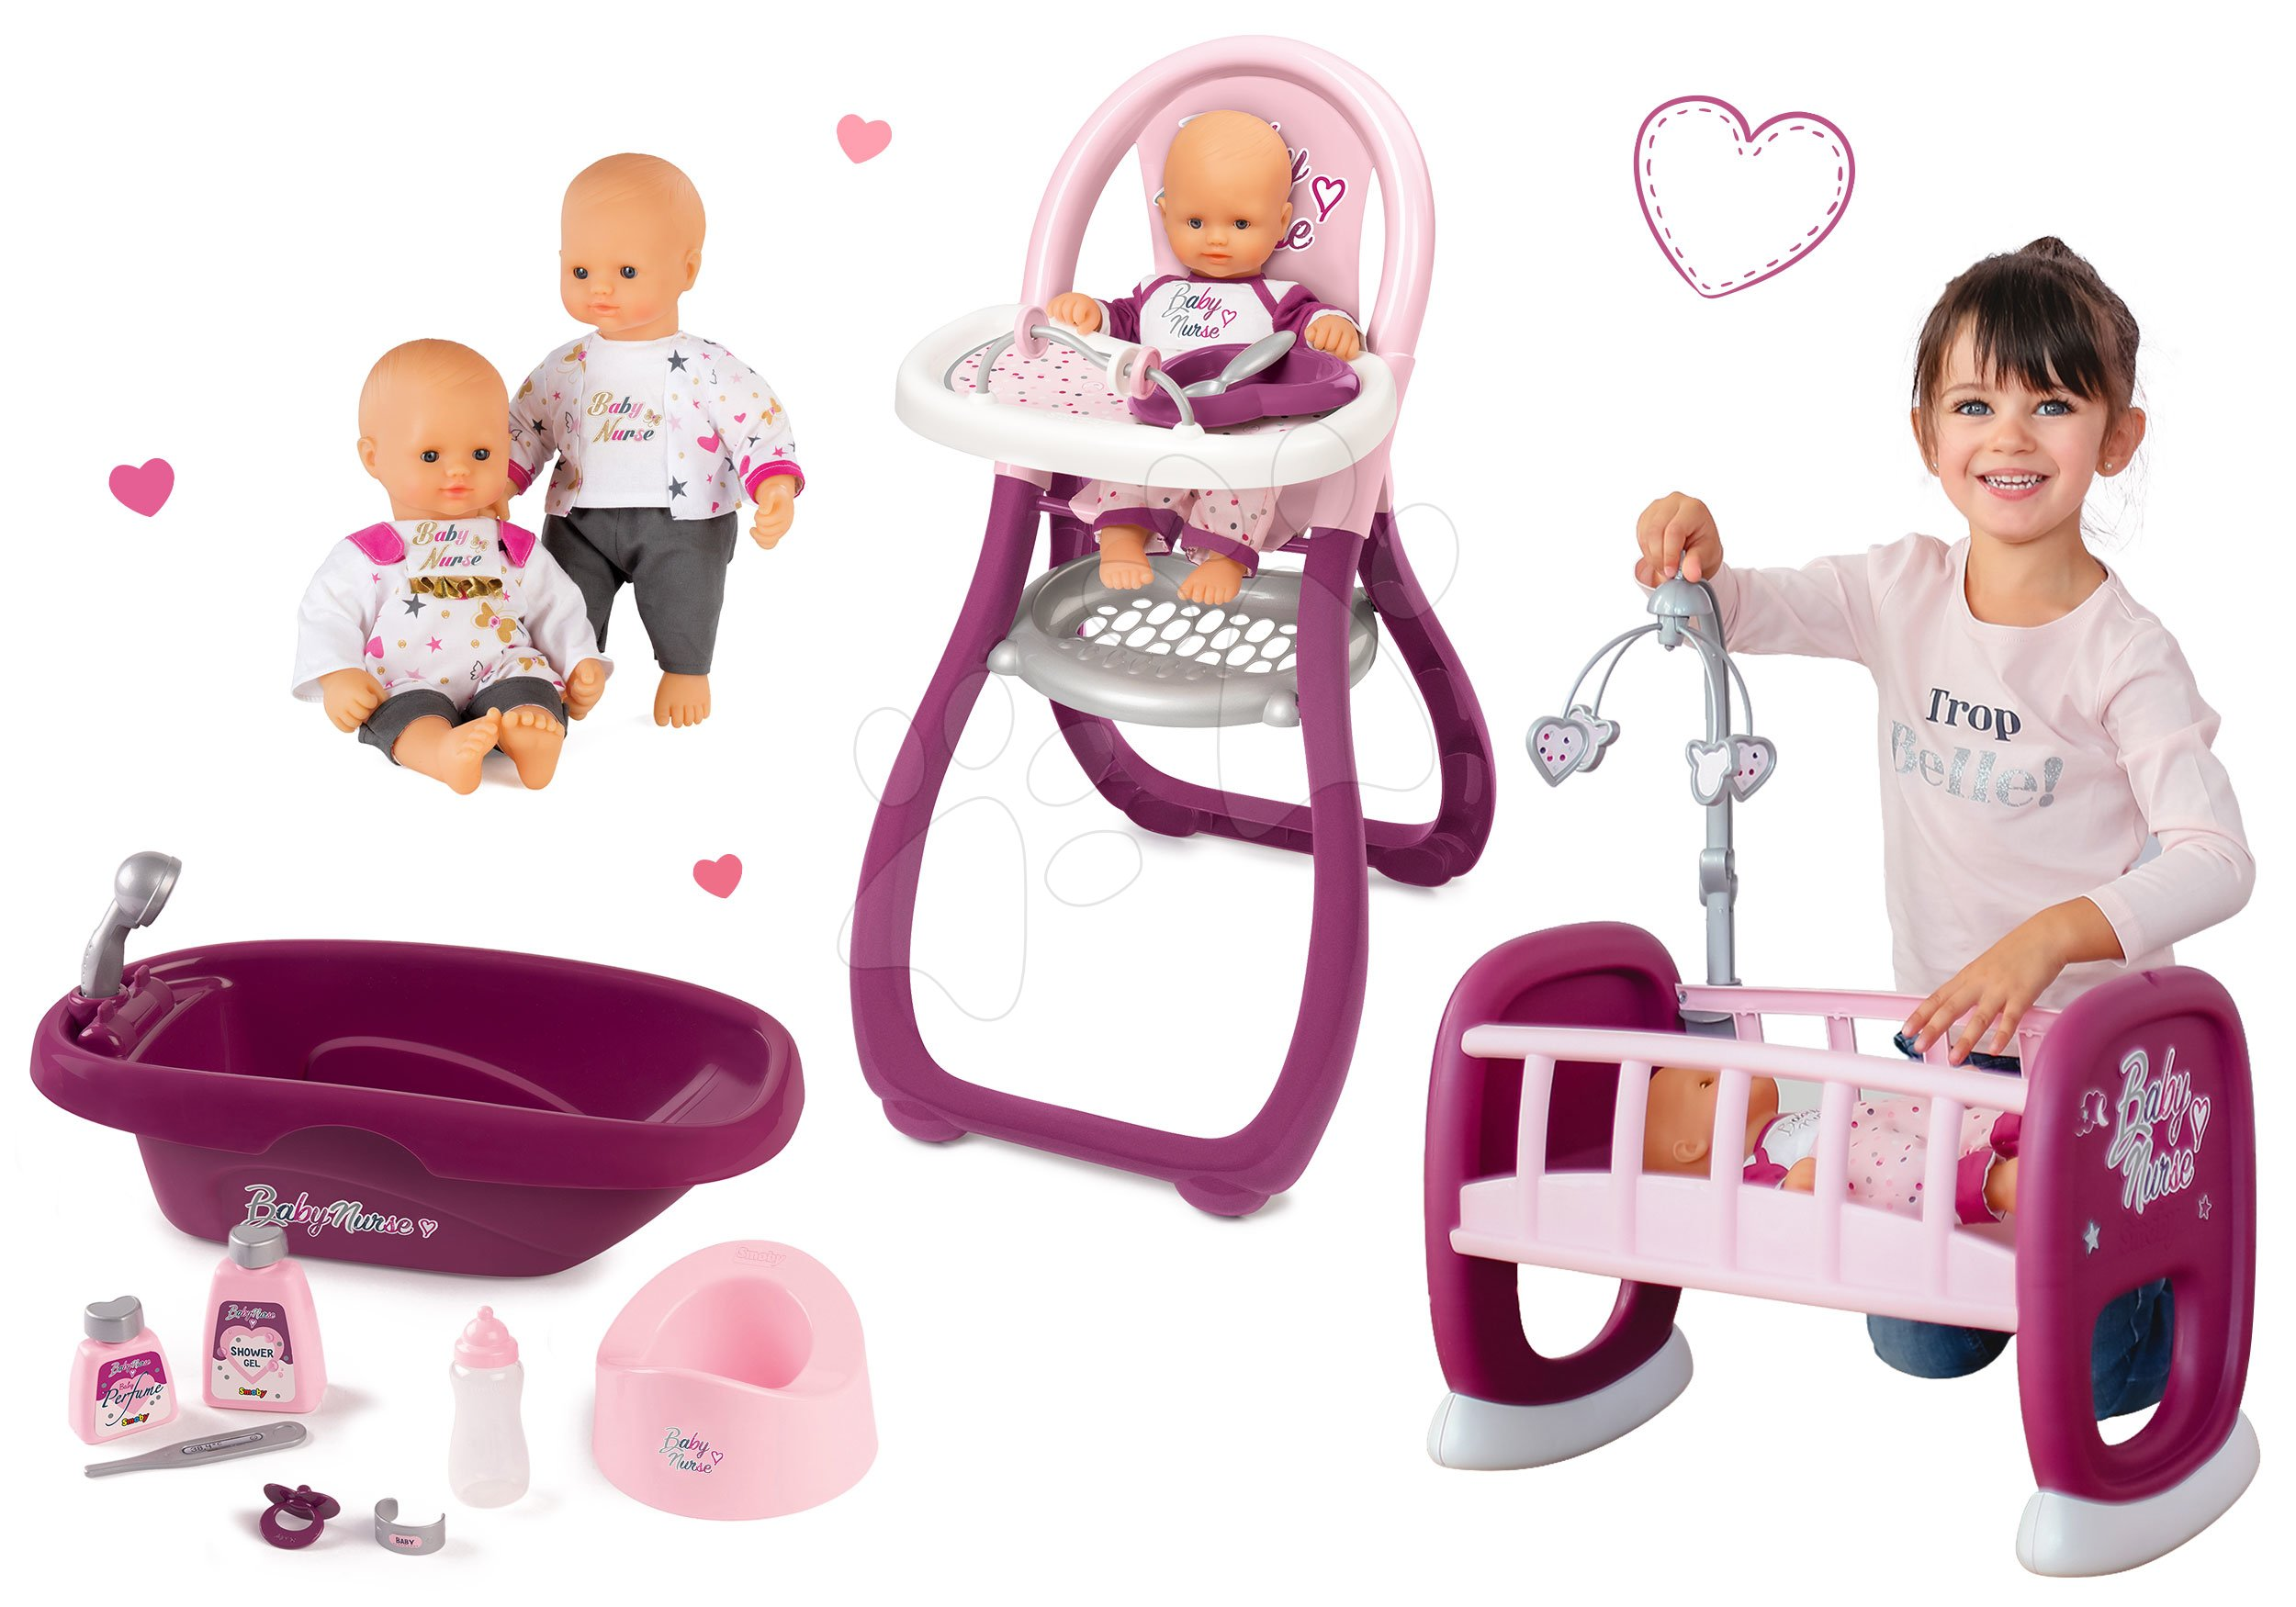 Set panenka Baby Nurse Zlatá edice Smoby 32 cm, jídelní židle, kolébka a vanička pro panenku od 24 měsíců